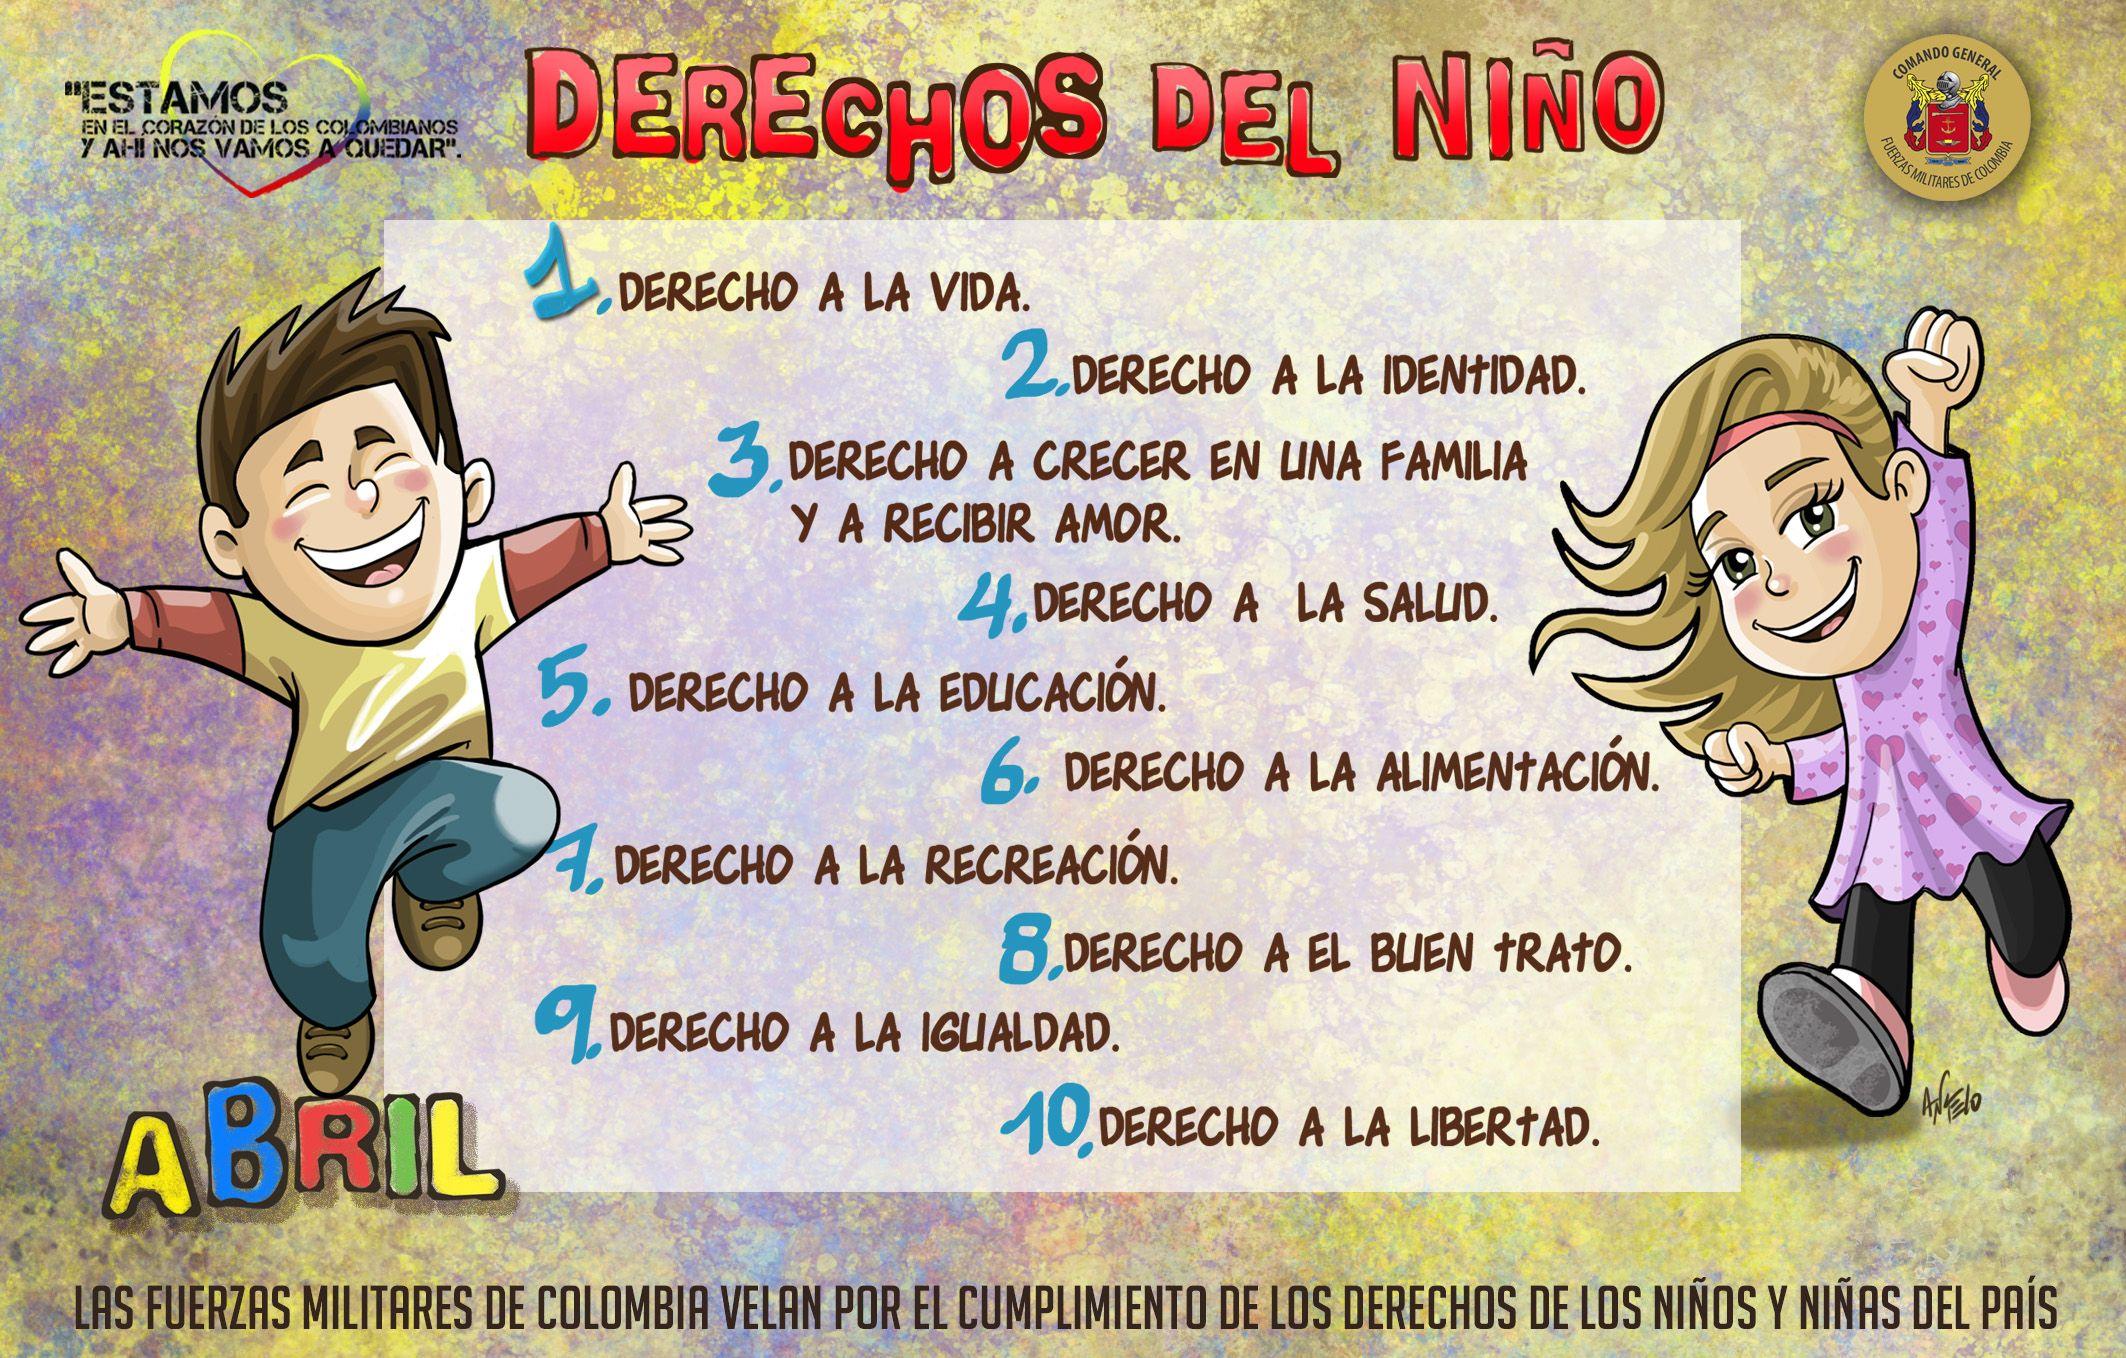 Mes de los niños. Estamos en el corazón de los colombianos y ahí nos vamos  a quedar   Derechos de los niños, Niños, Fuerzas militares